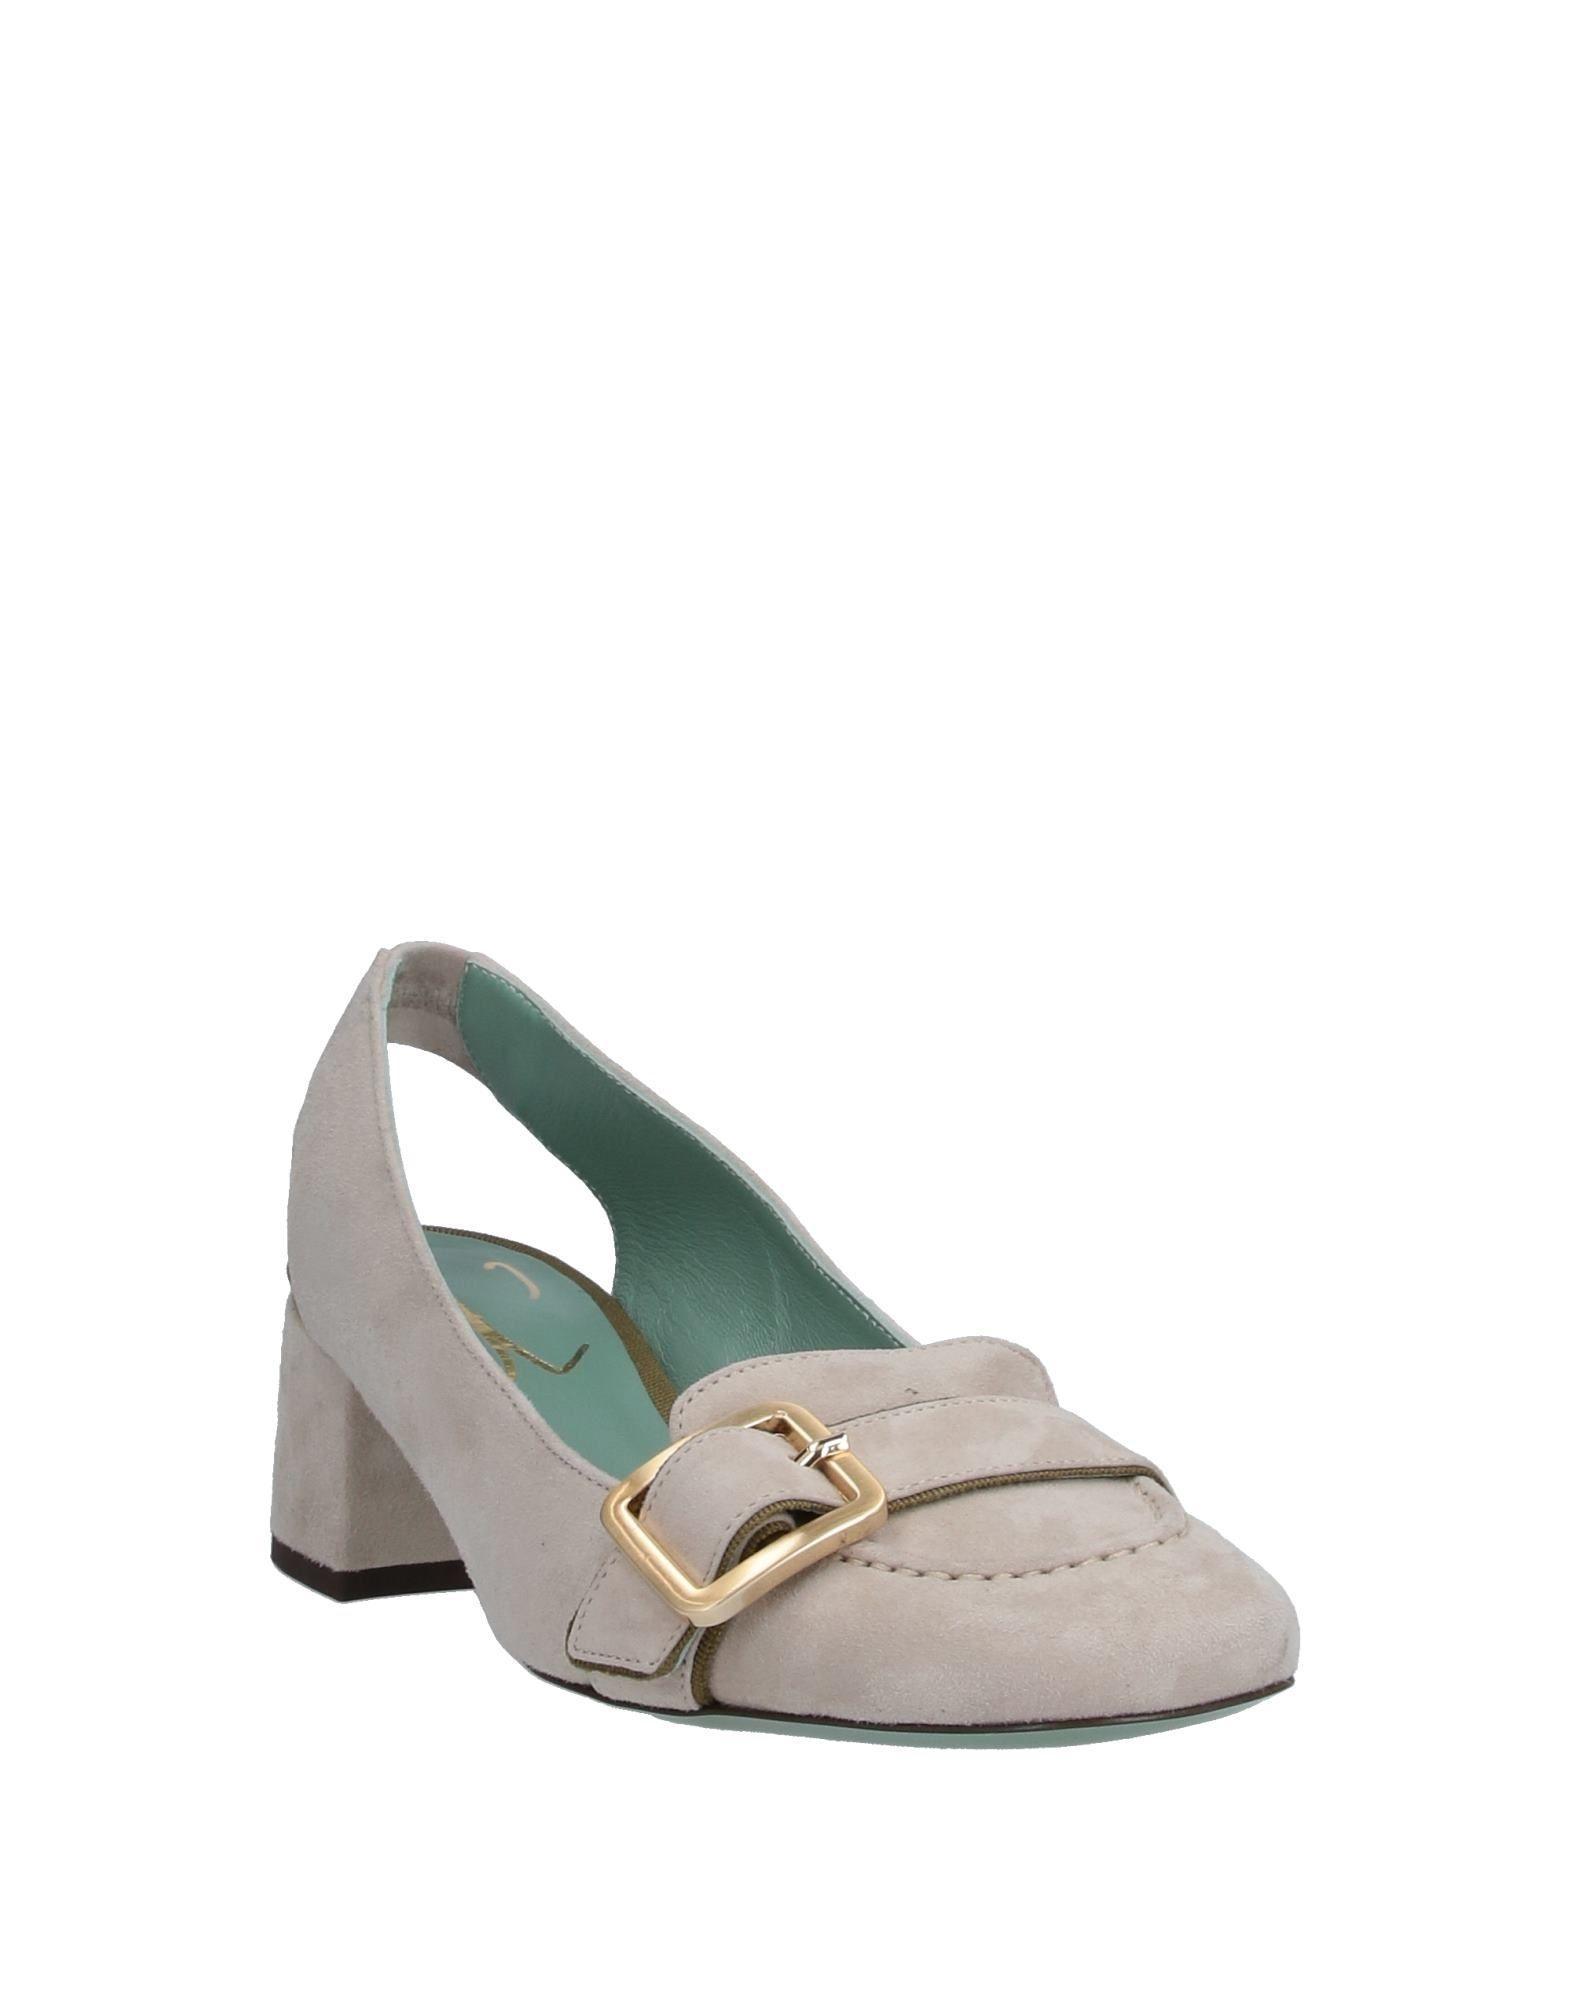 Zapatos de salón Paola D'arcano de Ante de color Gris